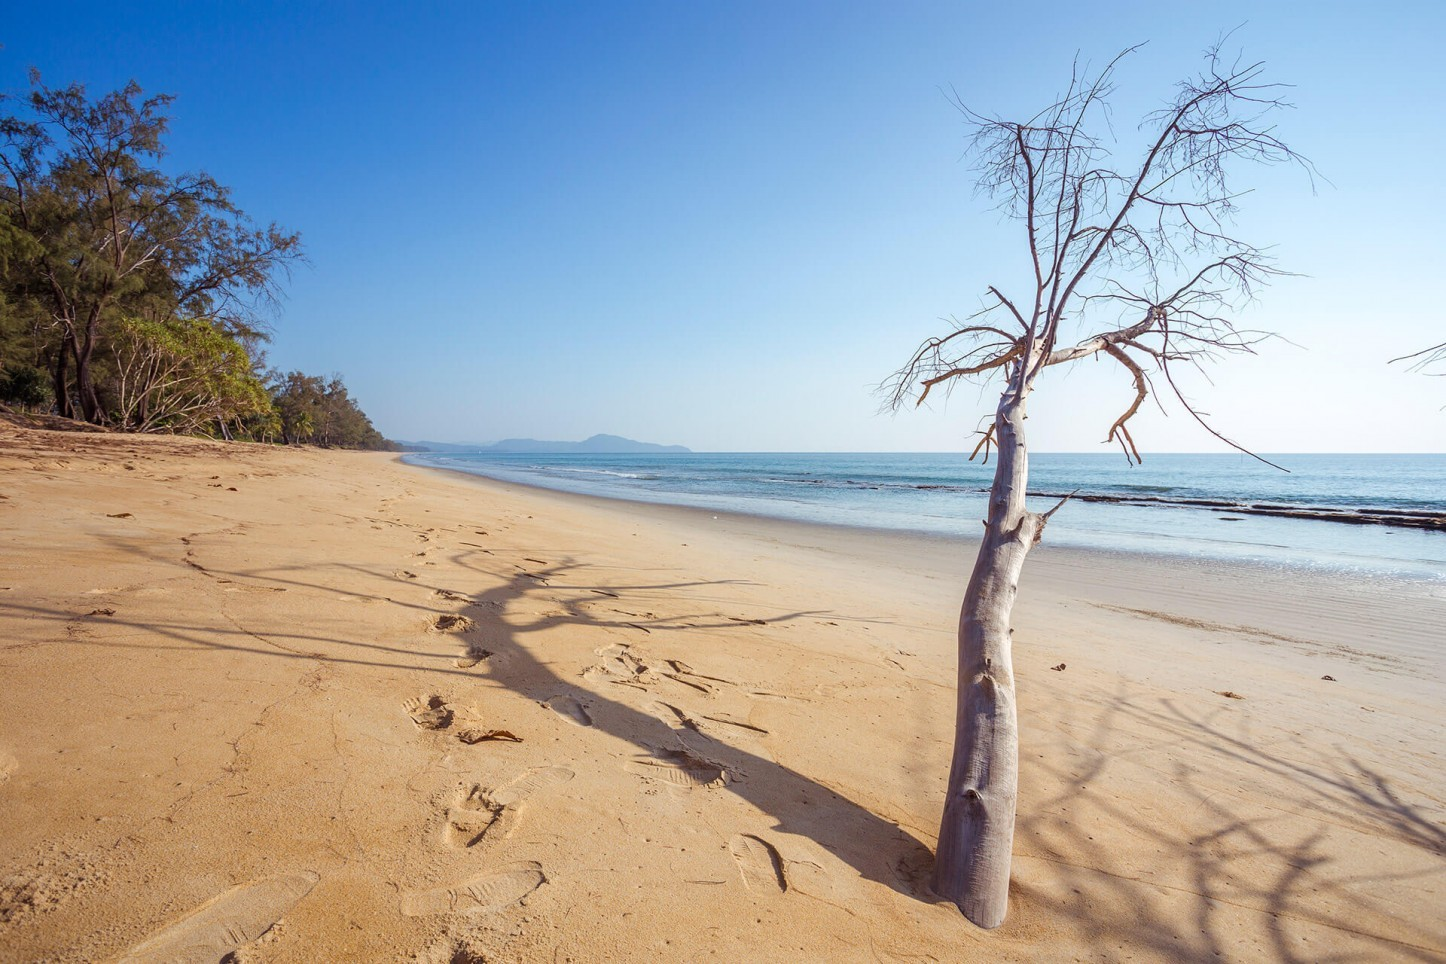 Maikhao beach - Phuket's longest beach